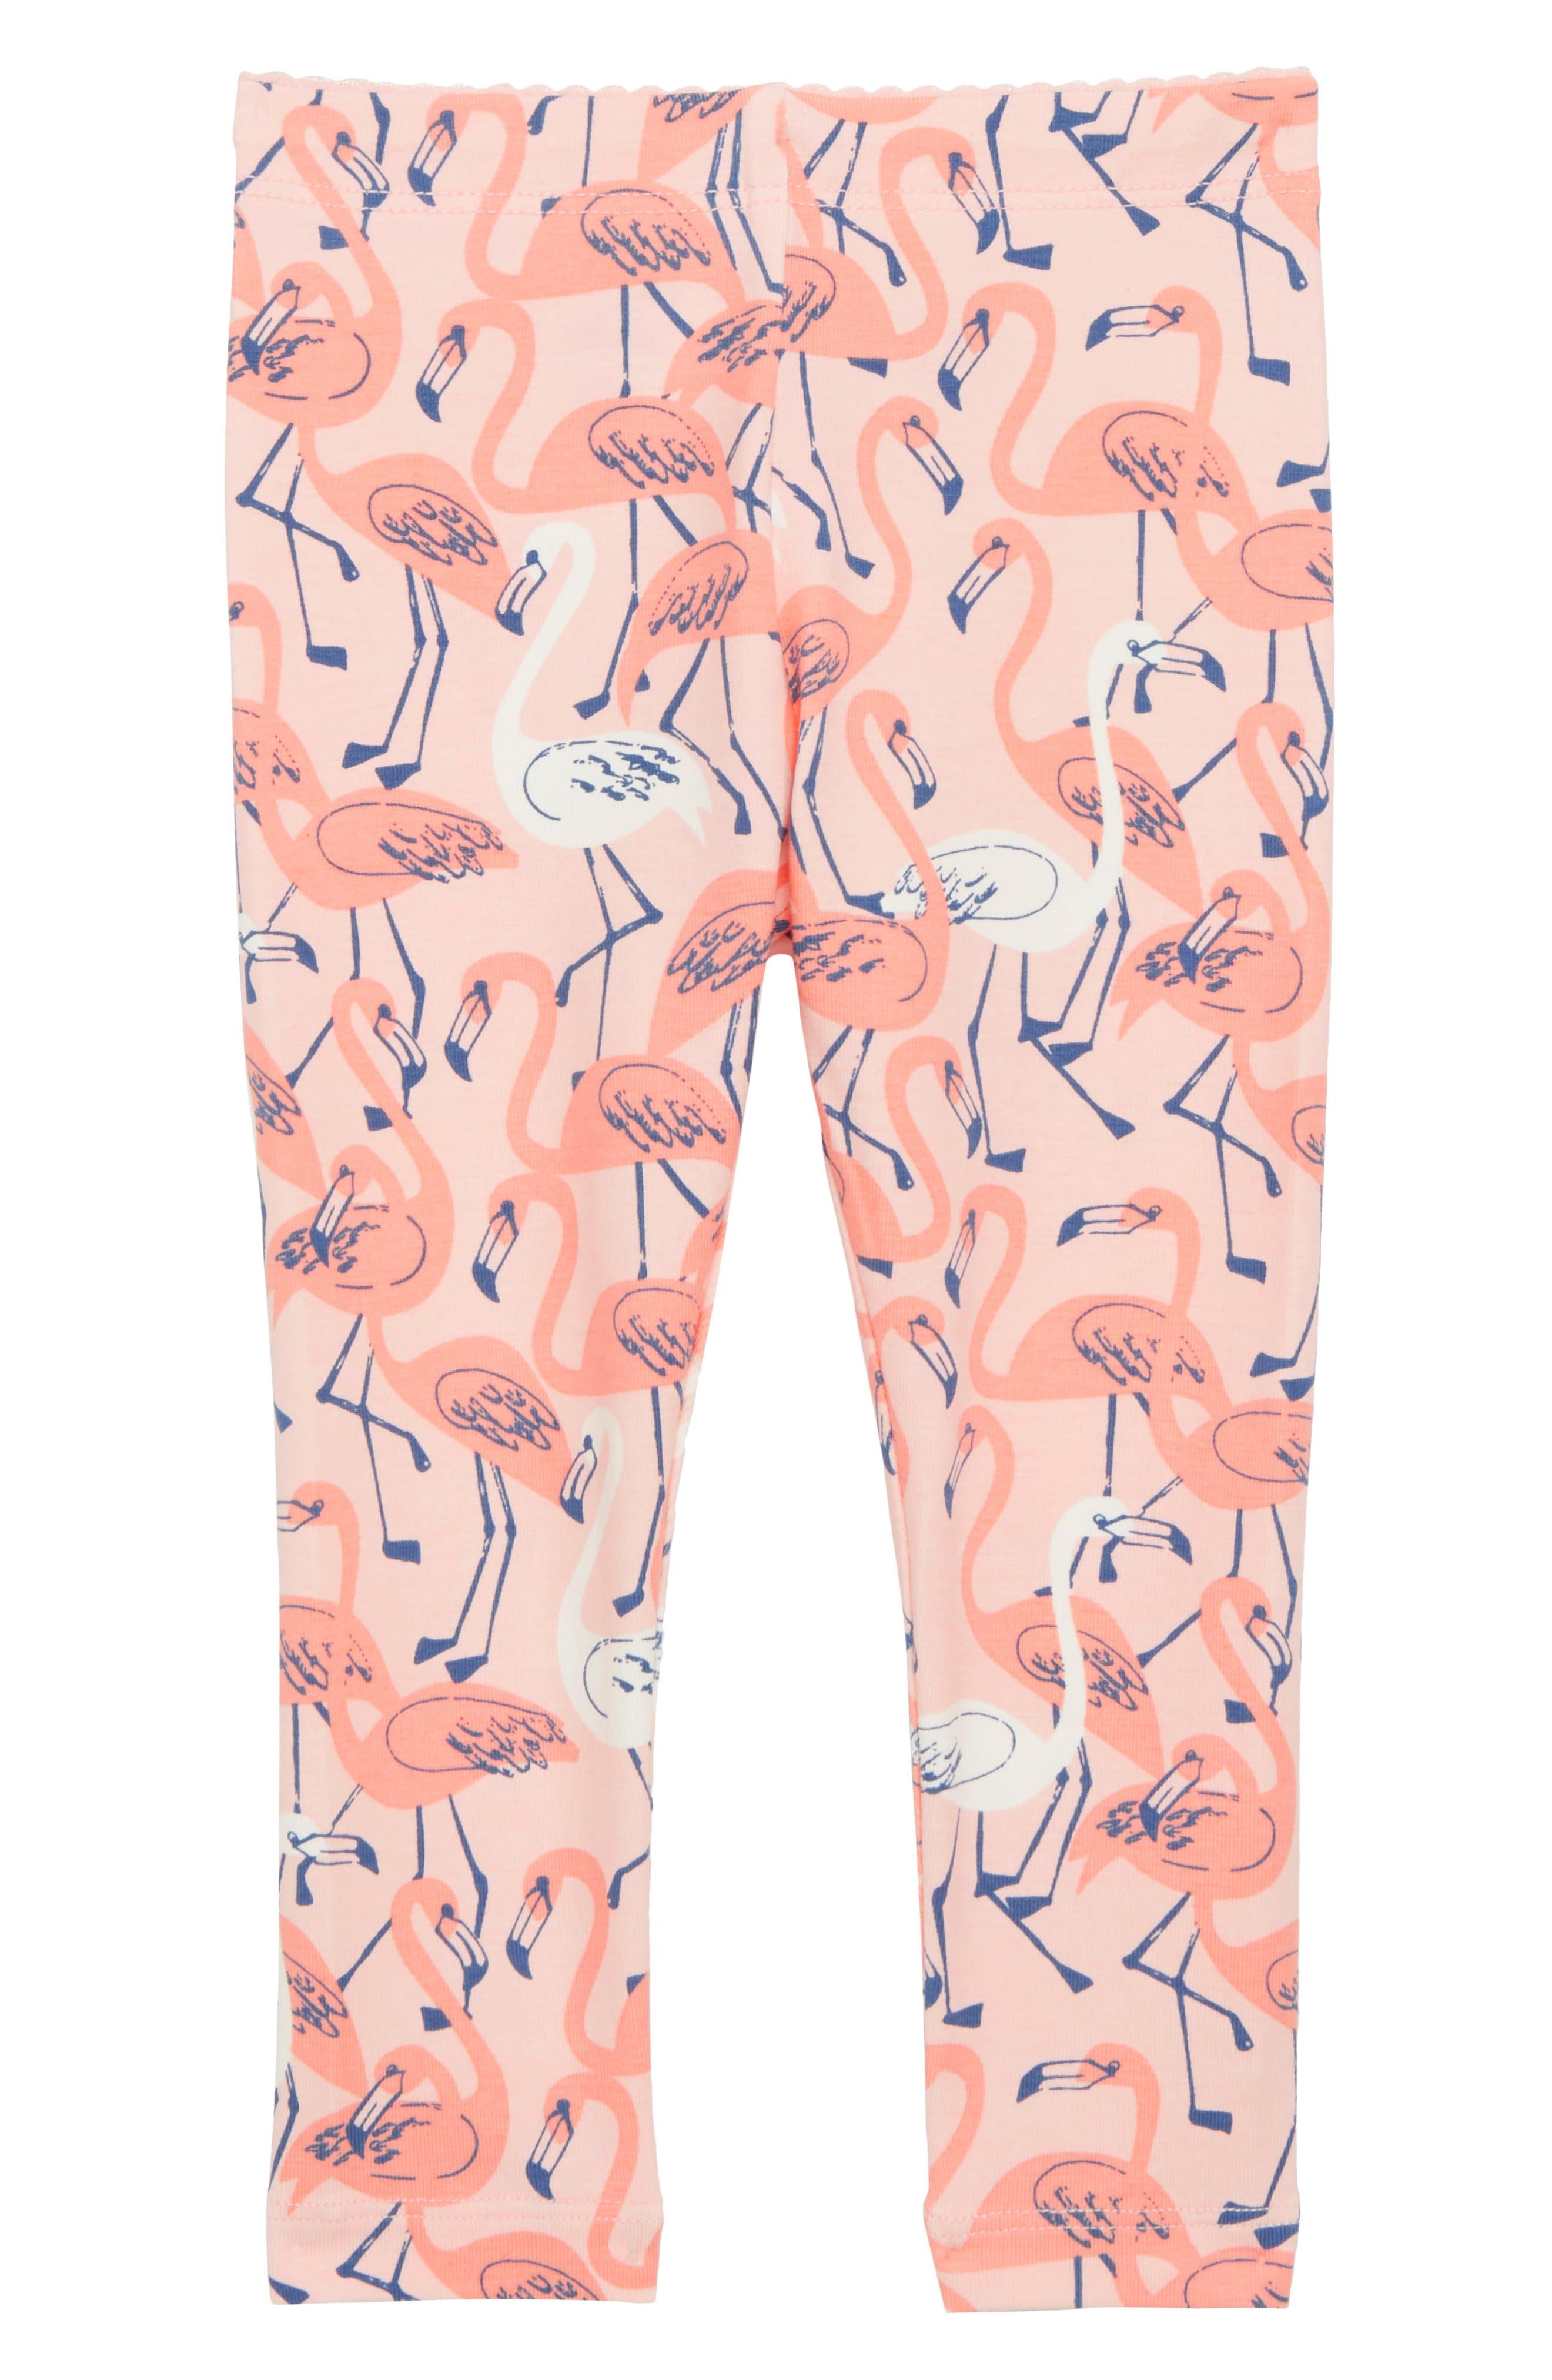 Flamingo Leggings,                             Main thumbnail 1, color,                             Flamingo Garden